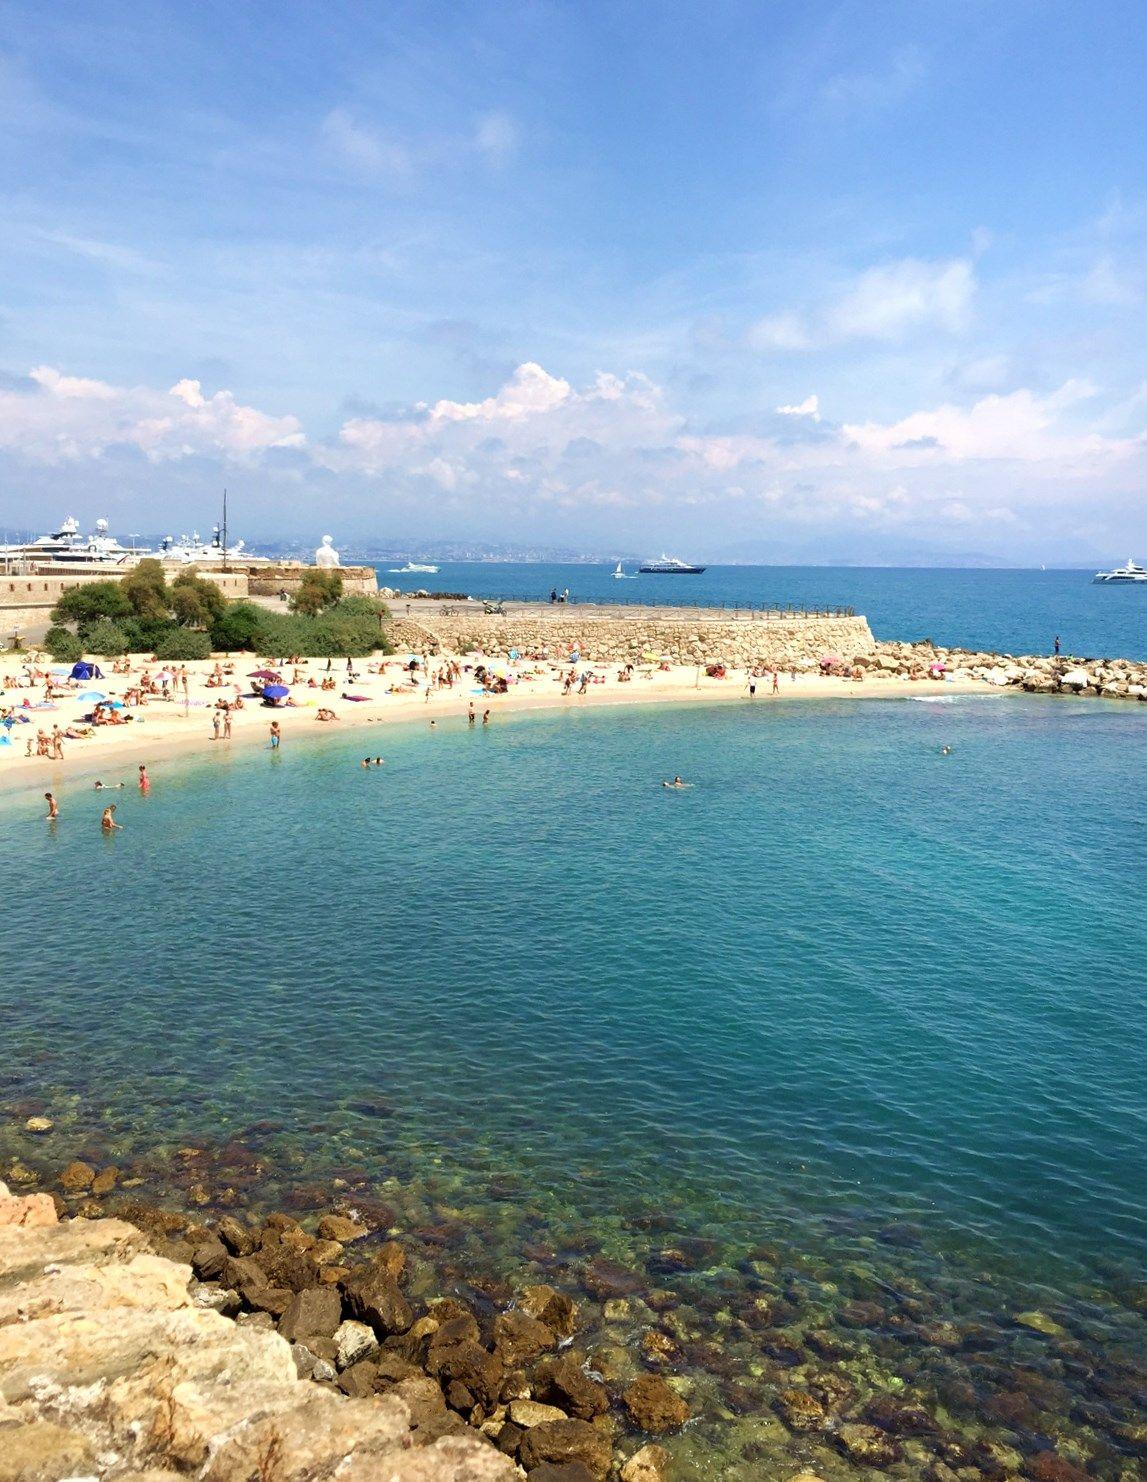 ピカソも泳いだ南仏の海がすぐ!ホテル「IRIN」は最高のロケーション!